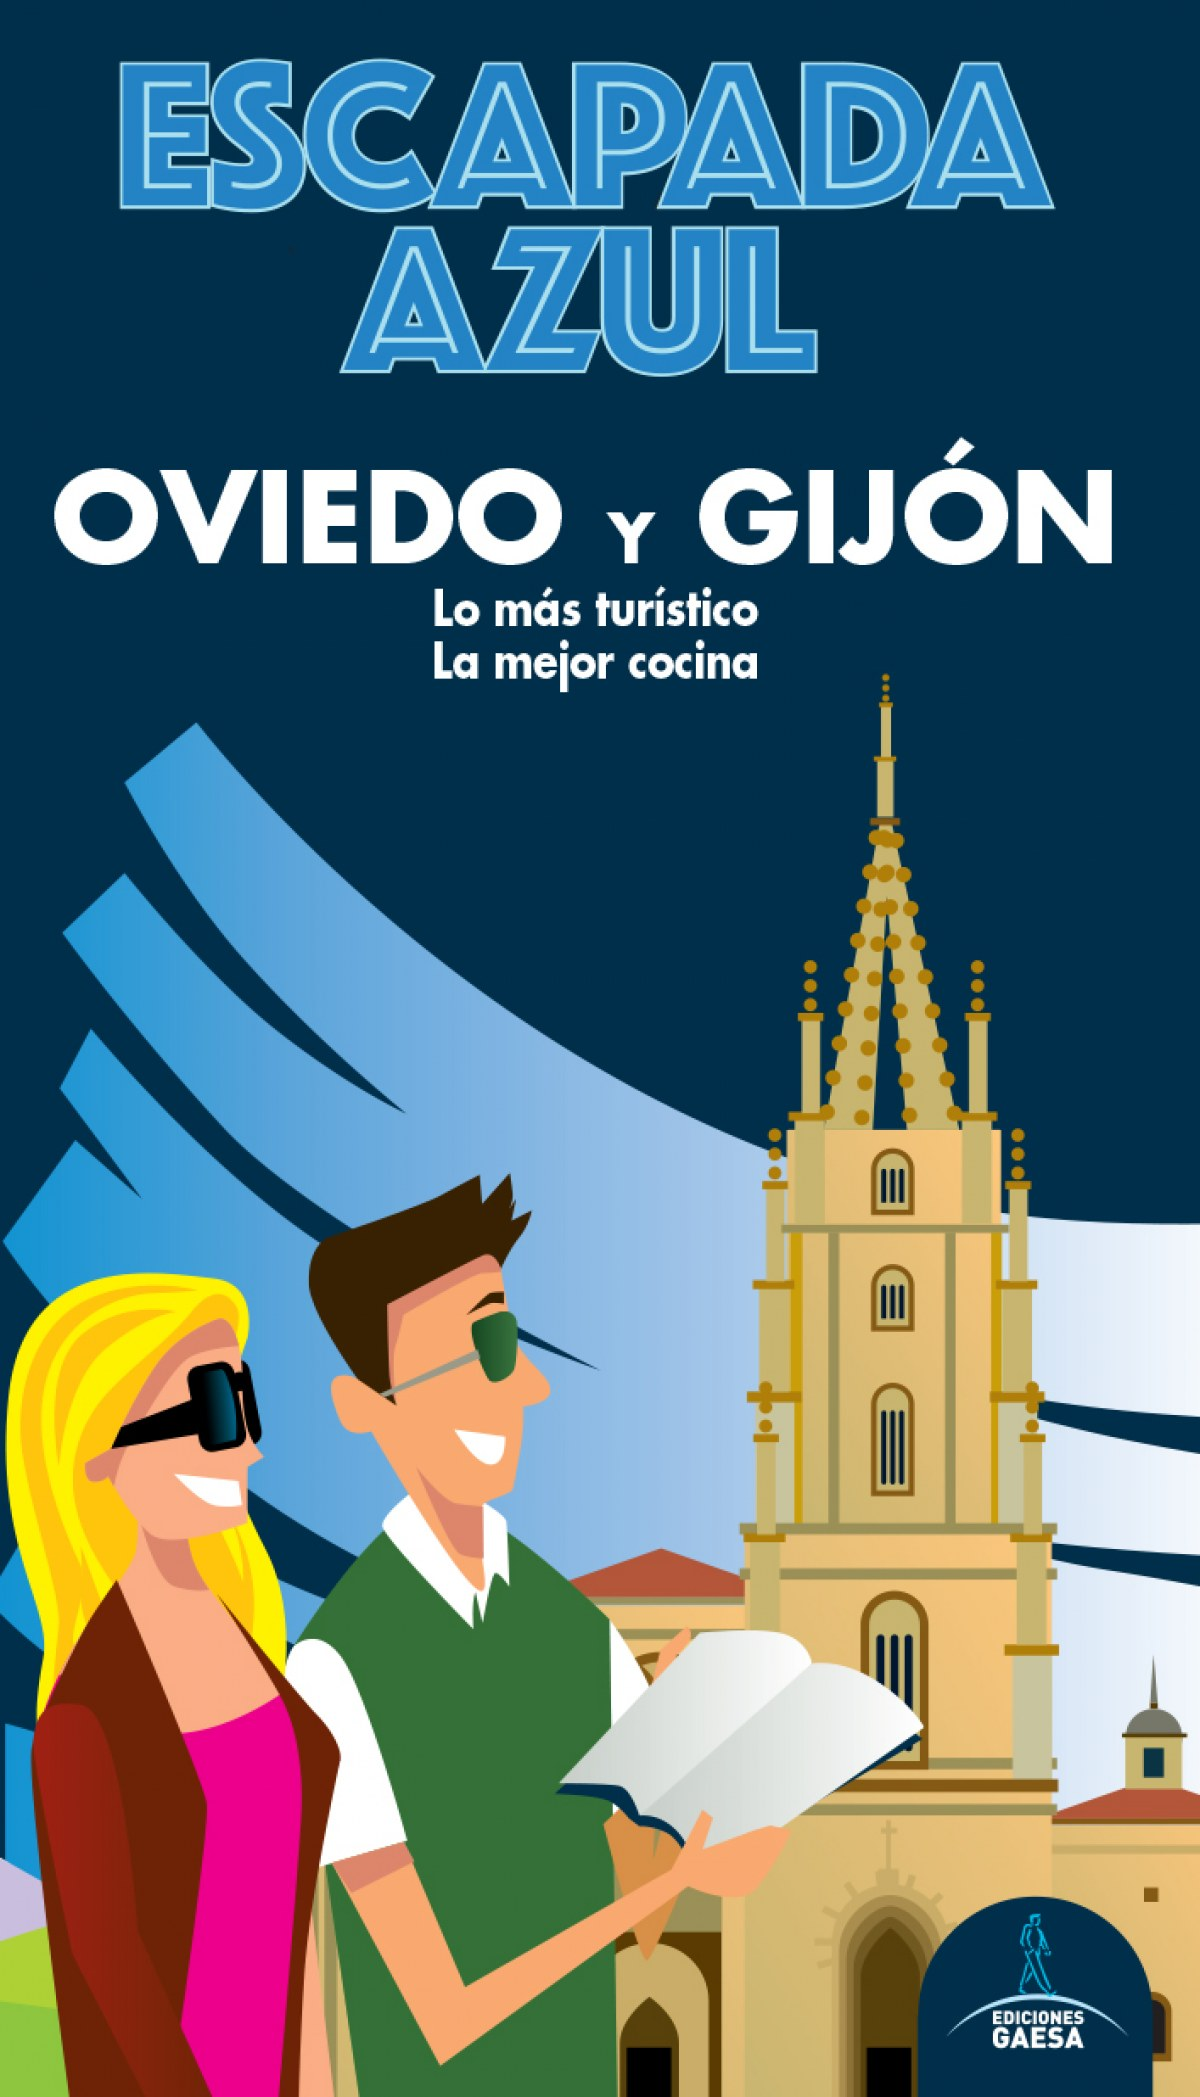 Oviedo y Gijón Escapada